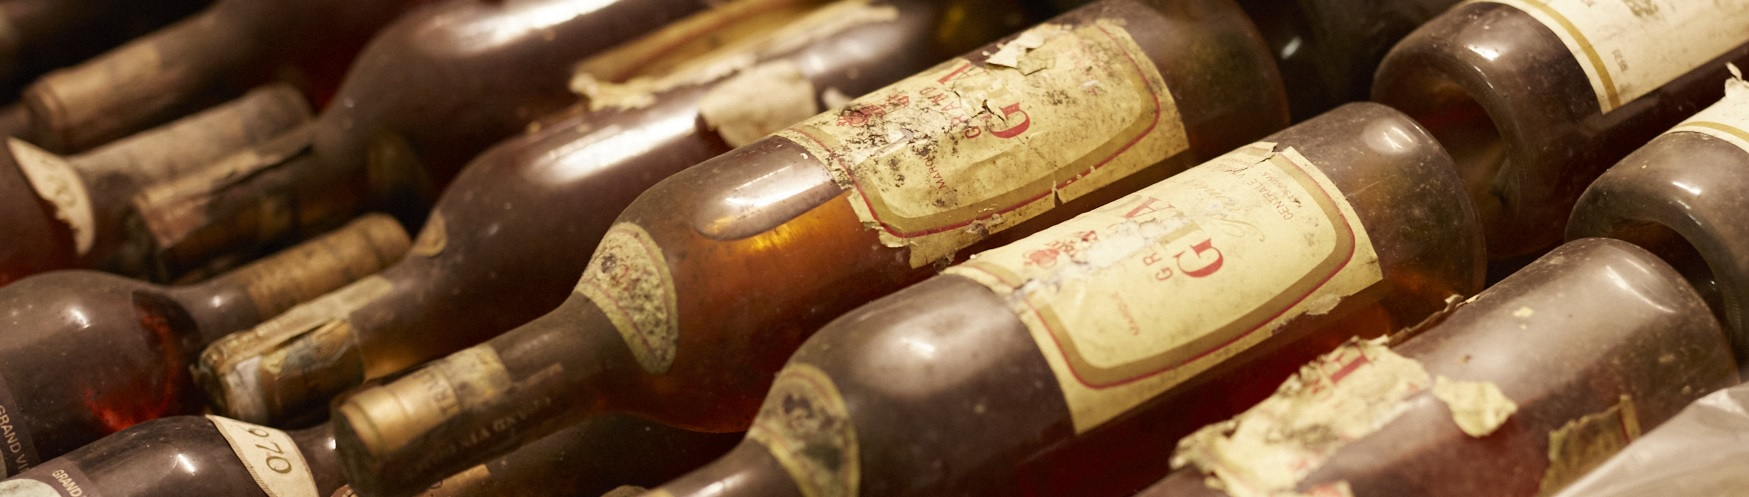 中央葡萄酒 山梨 甲州 グレイス ワイン 甲州